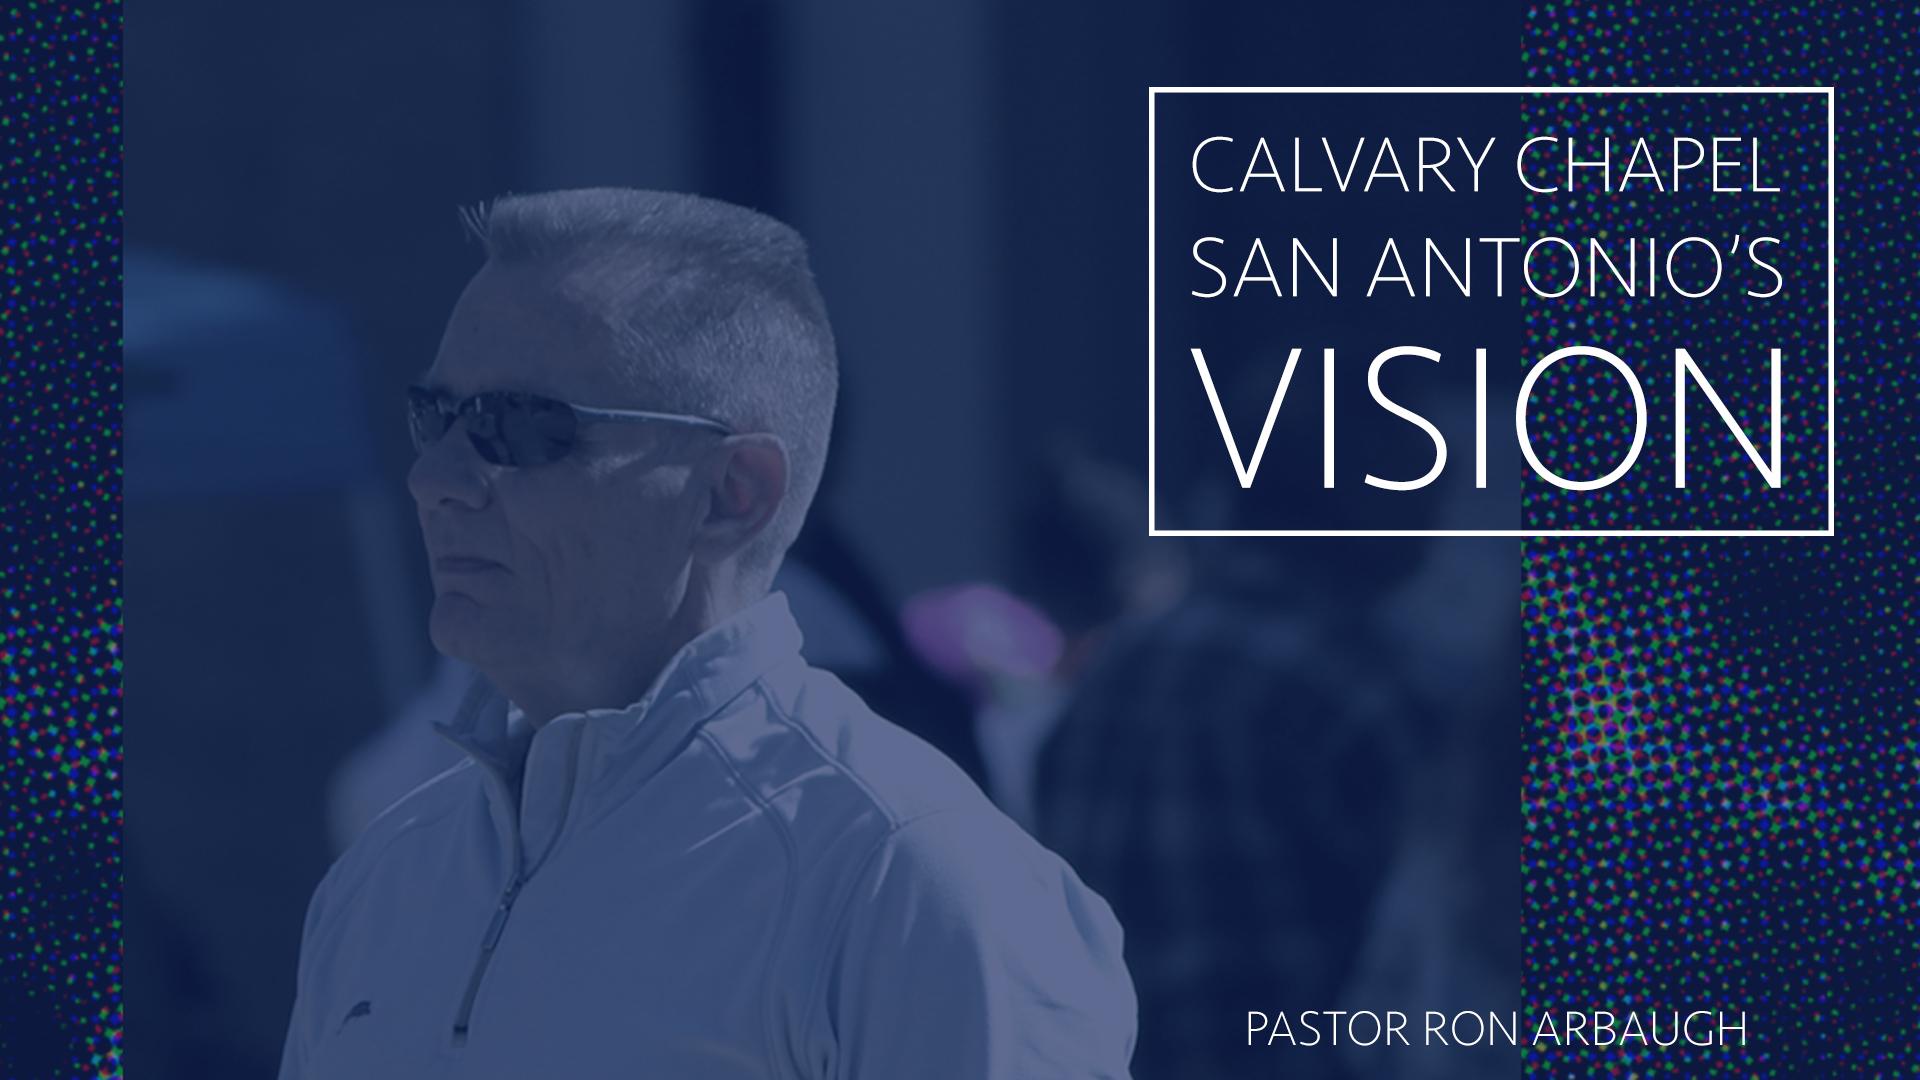 CALVARY CHAPEL OF SAN ANTONIO'S VISION. PASTOR RON ARBAUGH